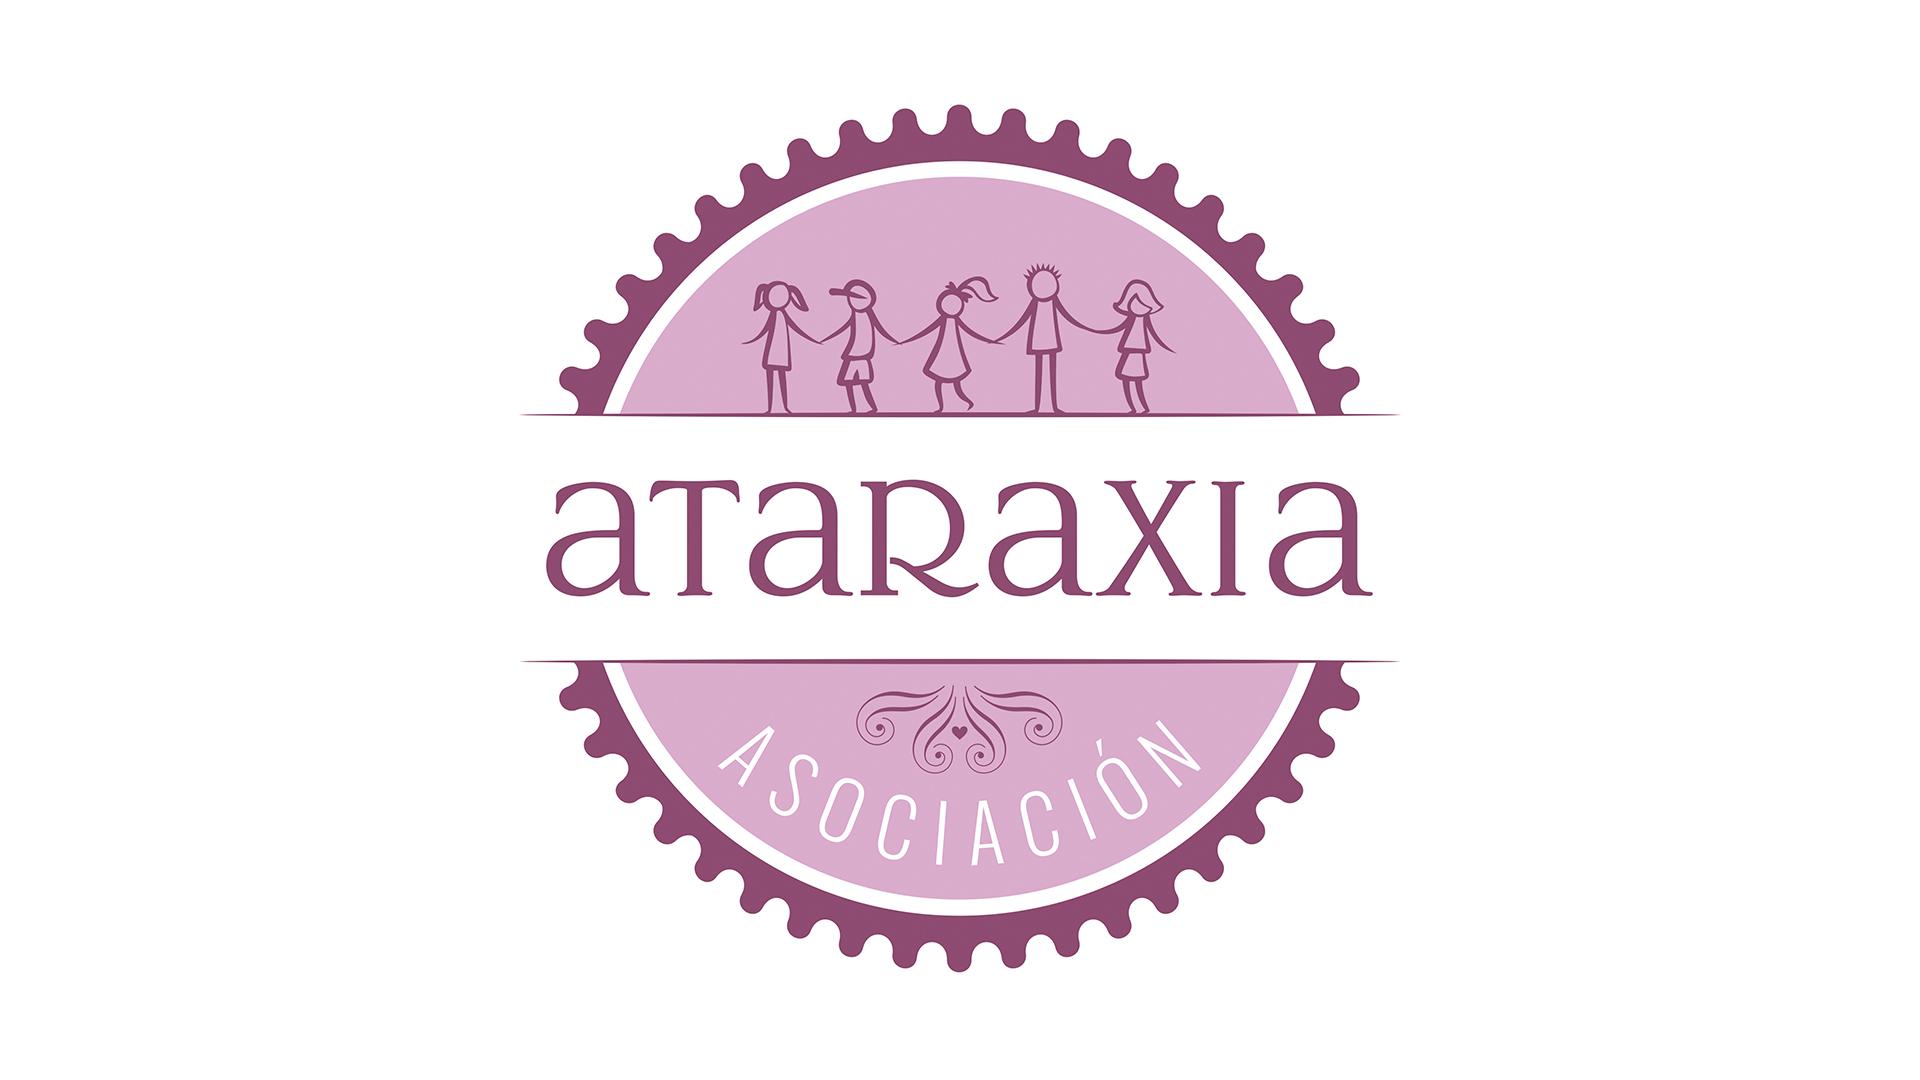 ASOCIACIÓN ATARAXIA - Logotipo